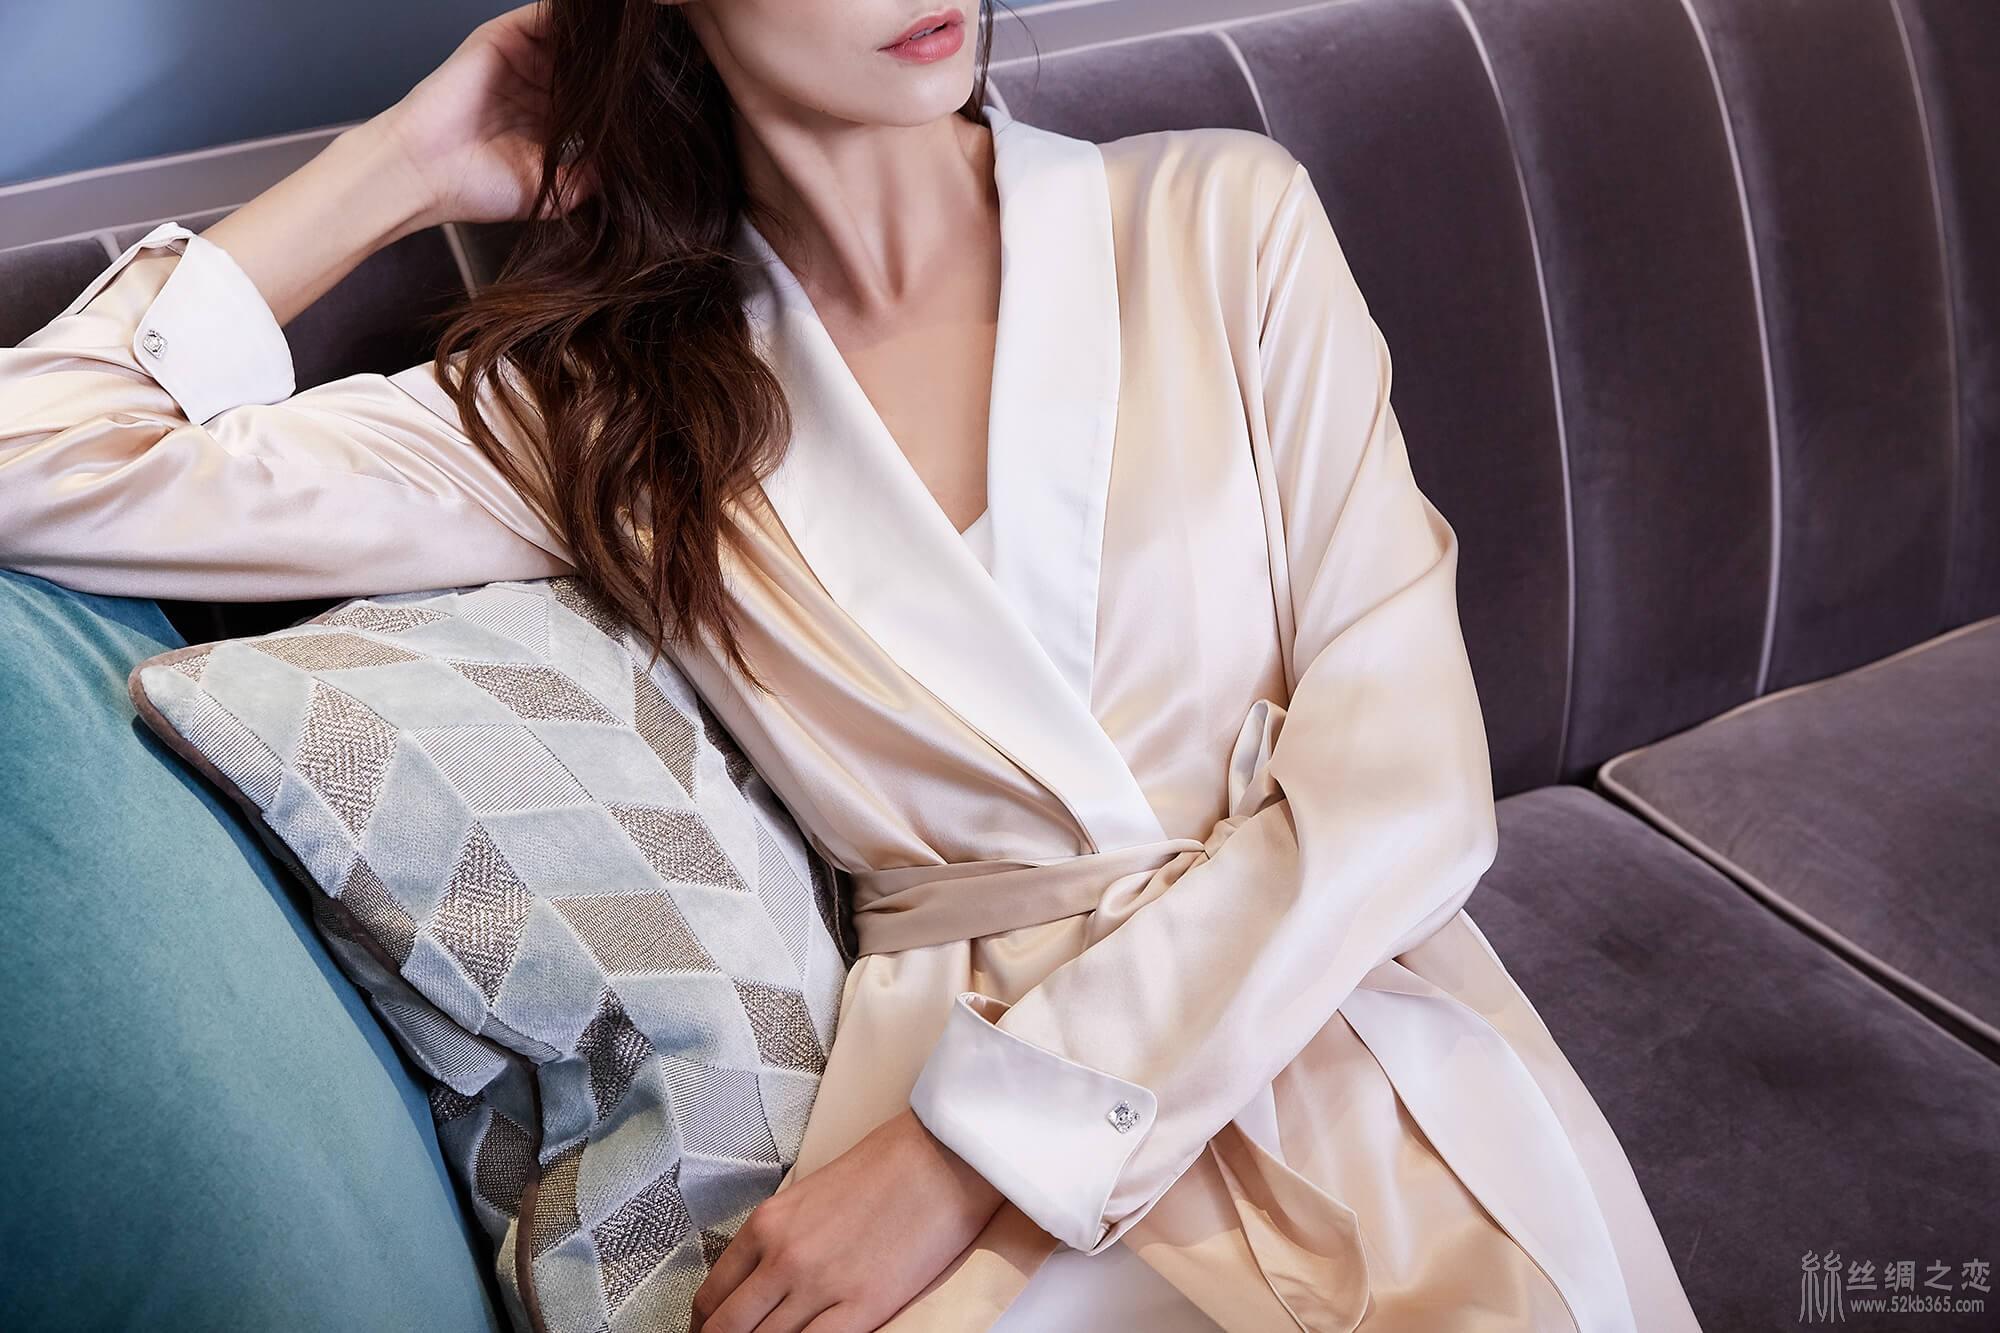 52kb 经典桑蚕丝面料的垂坠感和光泽度,极好地丰富了睡衣质感 TIMGAO070521612.jpg  丝绸物品爱好者 121239za4ncohcwm8owfc8